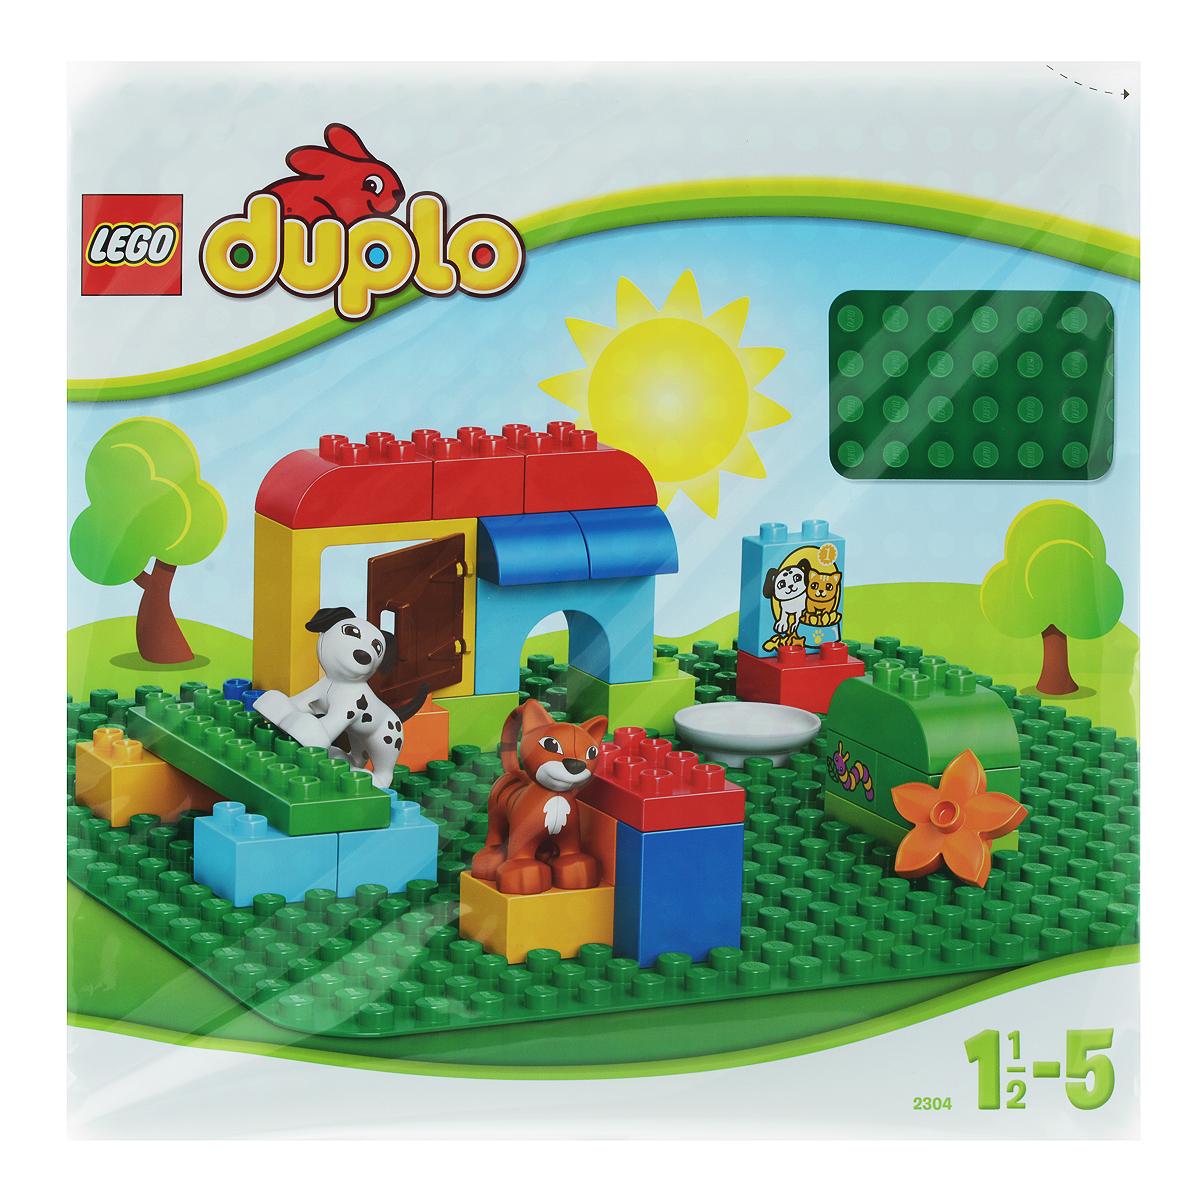 Создаете ли вы уличную сценку, замок или что-то продиктованное вам собственным воображением, эта базовая пластина зеленого цвета размером 38,5 см х 38,5 см (24 х 24 выступа) - идеальная отправная точка для сборки, демонстрации ваших творений из LEGO Duplo и игры с ними. Незаменимая деталь для создания двориков, полянок и других постановок, где необходим зеленый цвет земли. Но при желании эту плиту можно использовать при любой стройке из кубиков LEGO Duplo, ведь яркий зеленый цвет подойдет всюду! Рекомендуемый возраст: от 18 месяцев до 5 лет.